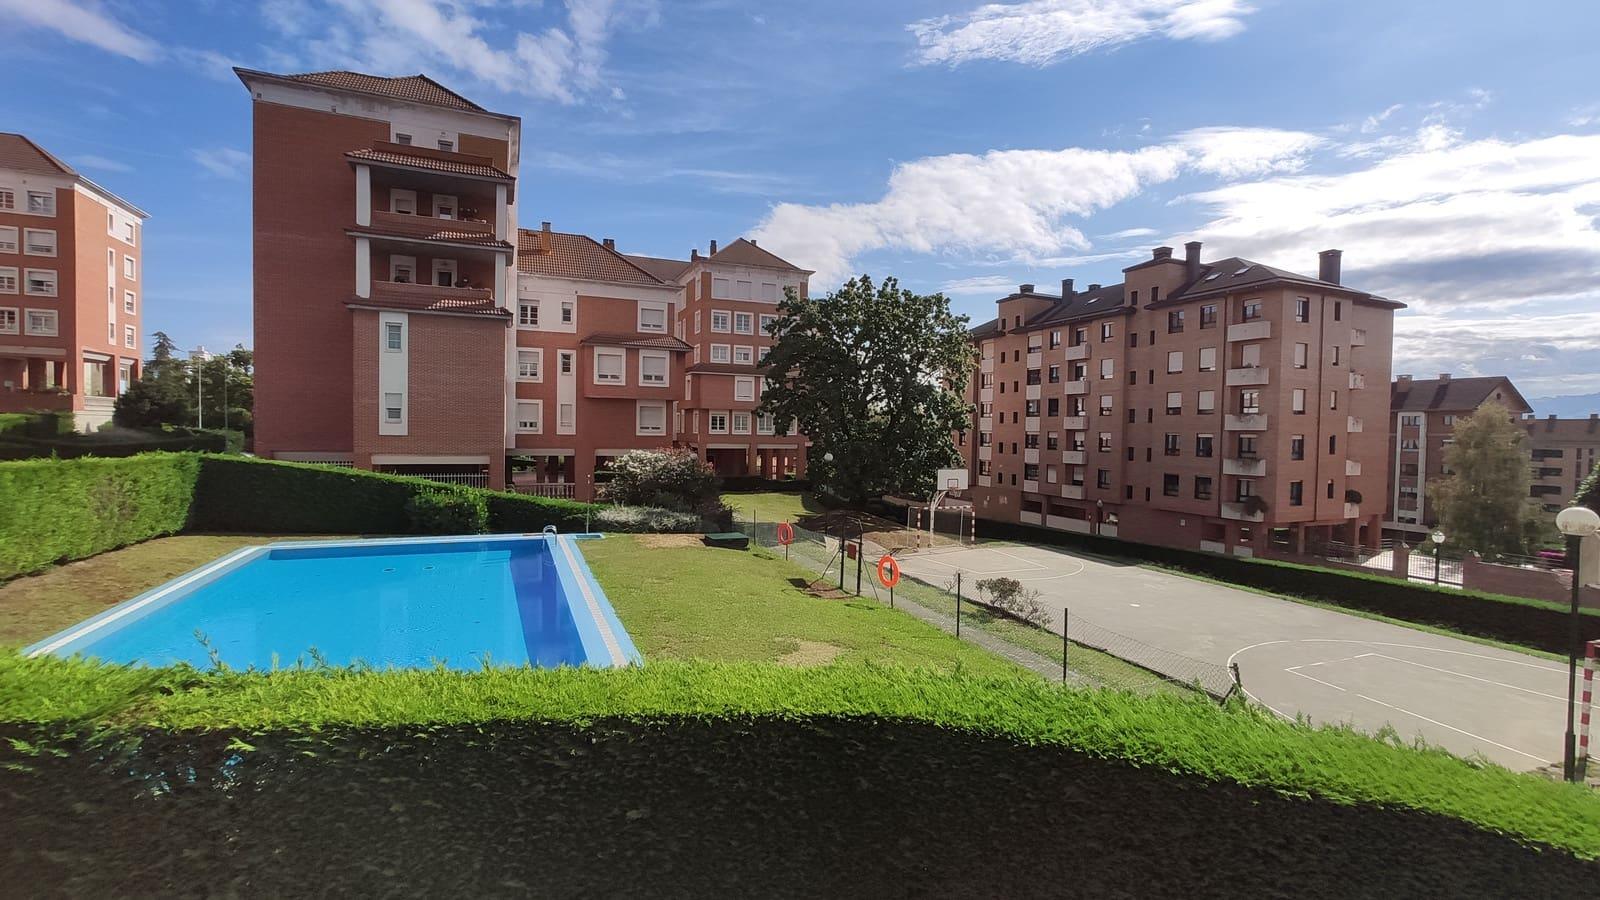 3 bedroom Flat for sale in Gijon - € 249,900 (Ref: 6327525)